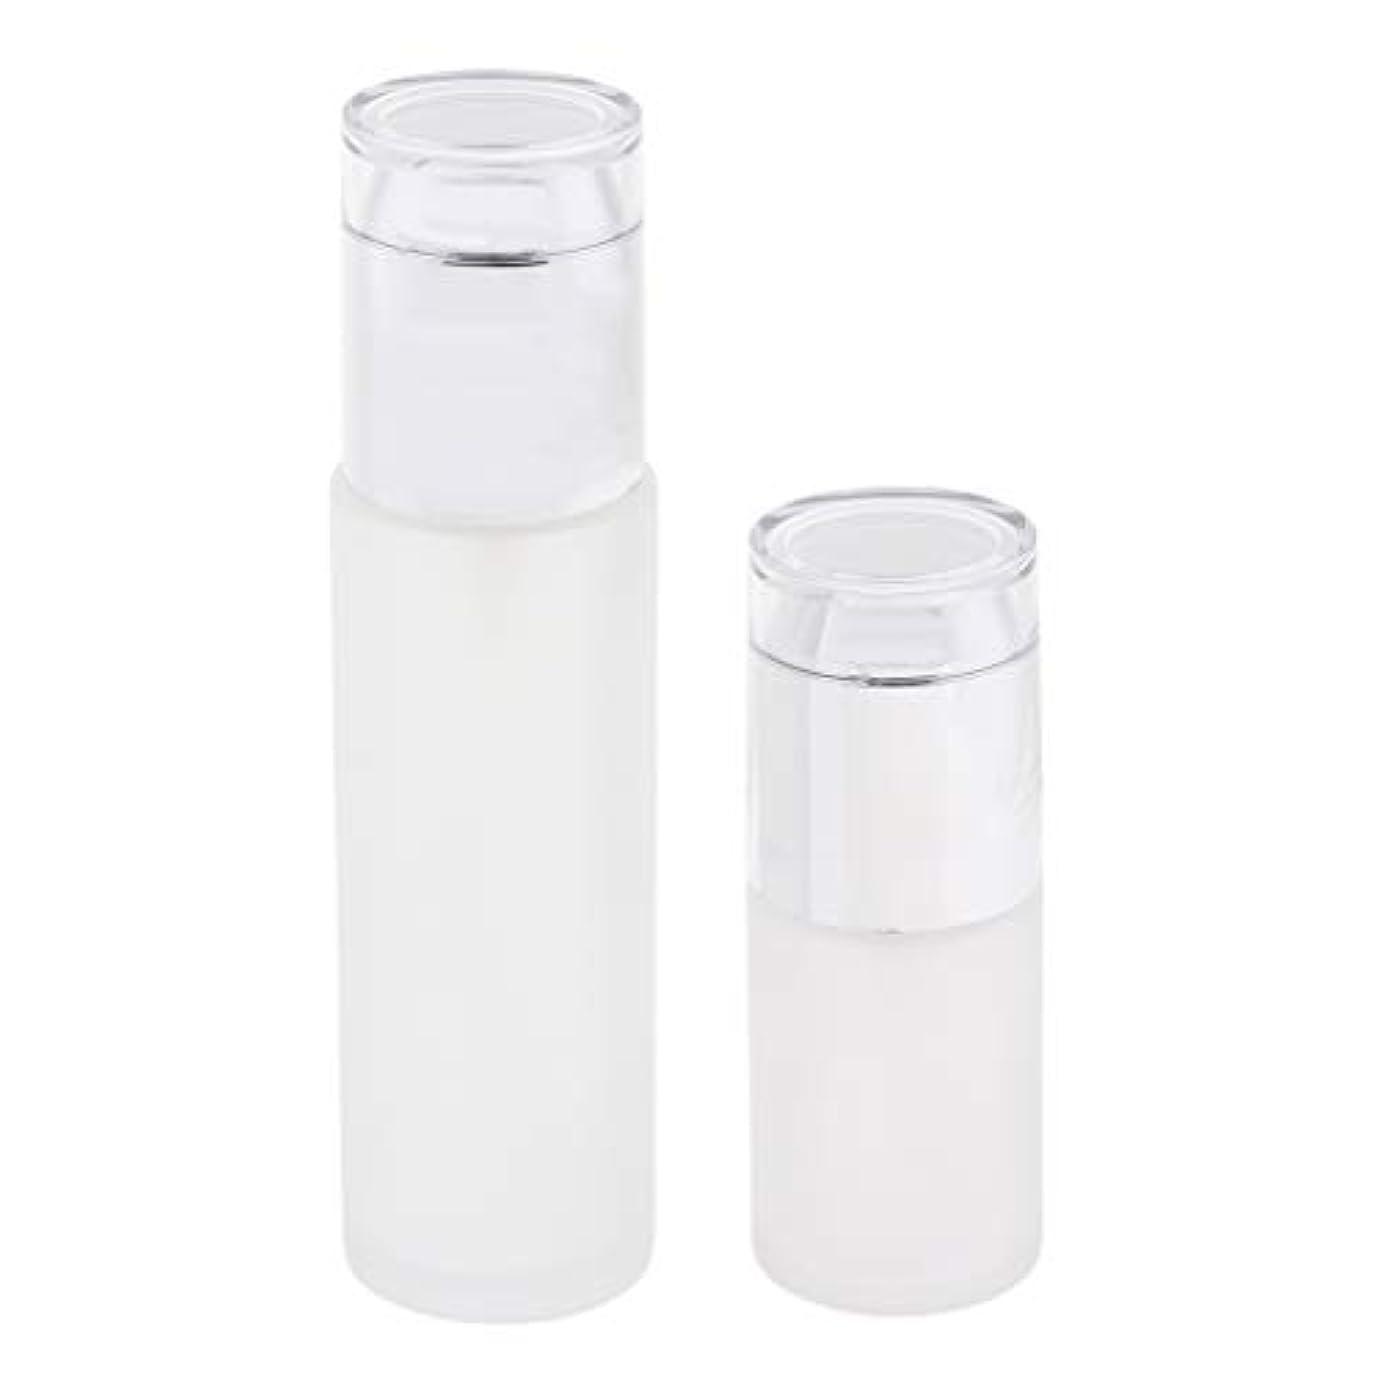 導体不道徳冗談でBaoblaze 2個 化粧ボトル ガラス コスメ用詰替え容器 ポンプボトル 3色選べ - 銀